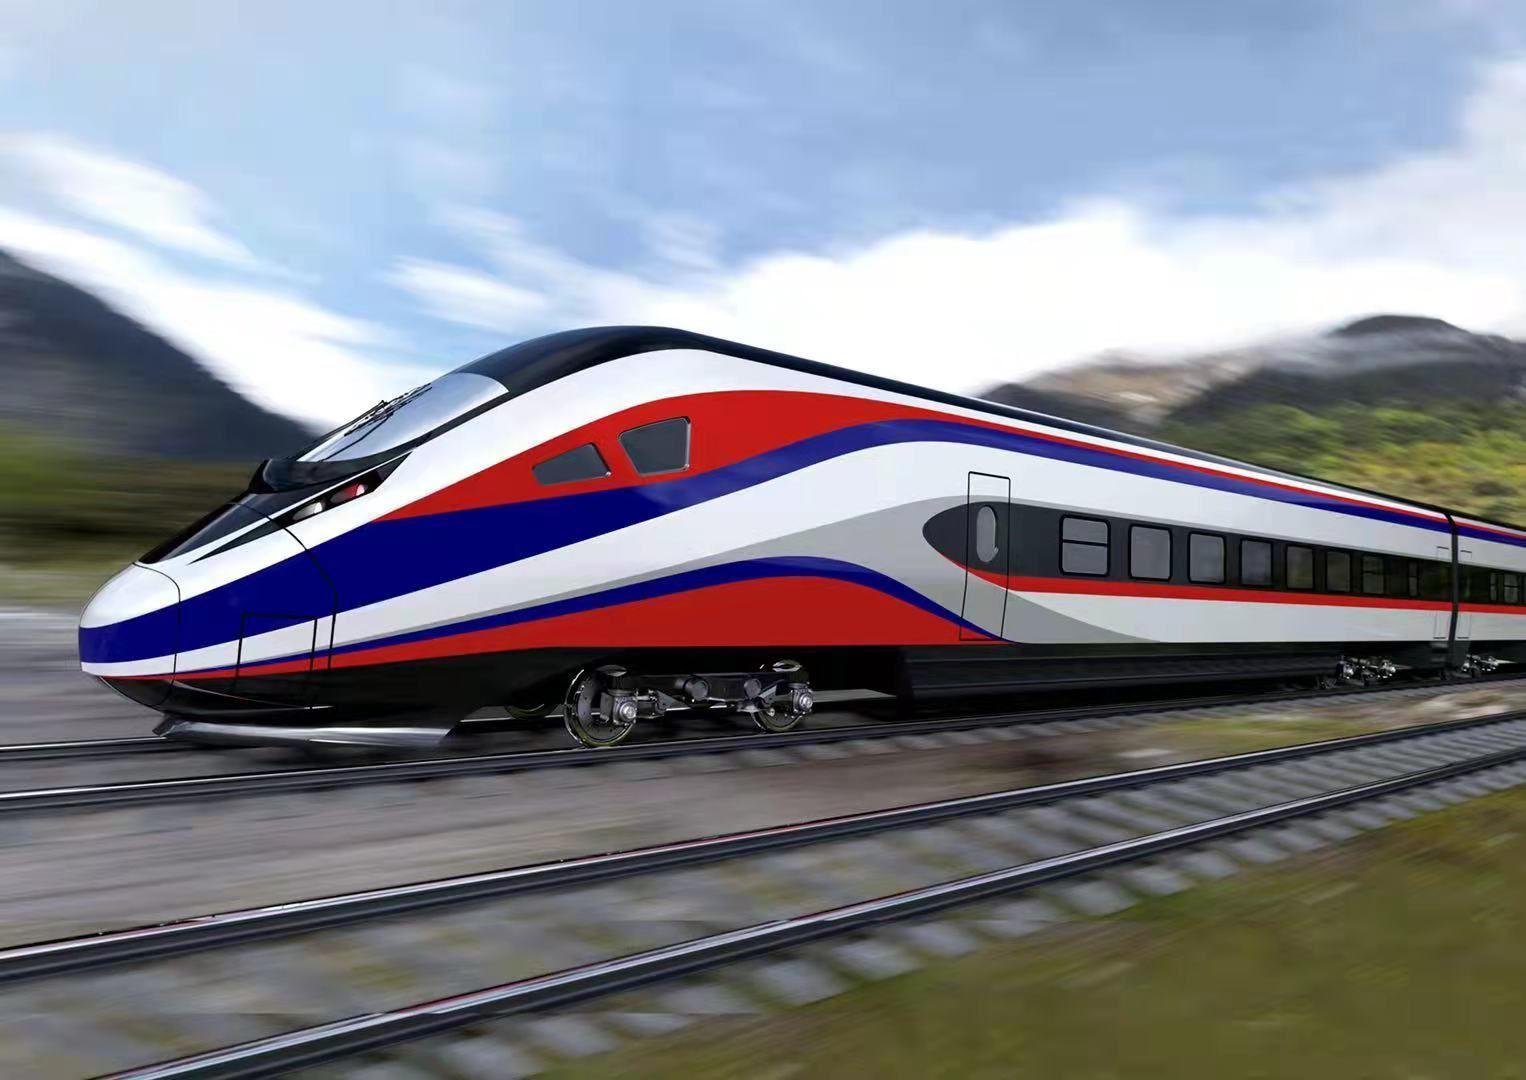 老挝公布中老铁路首批2班列车名称